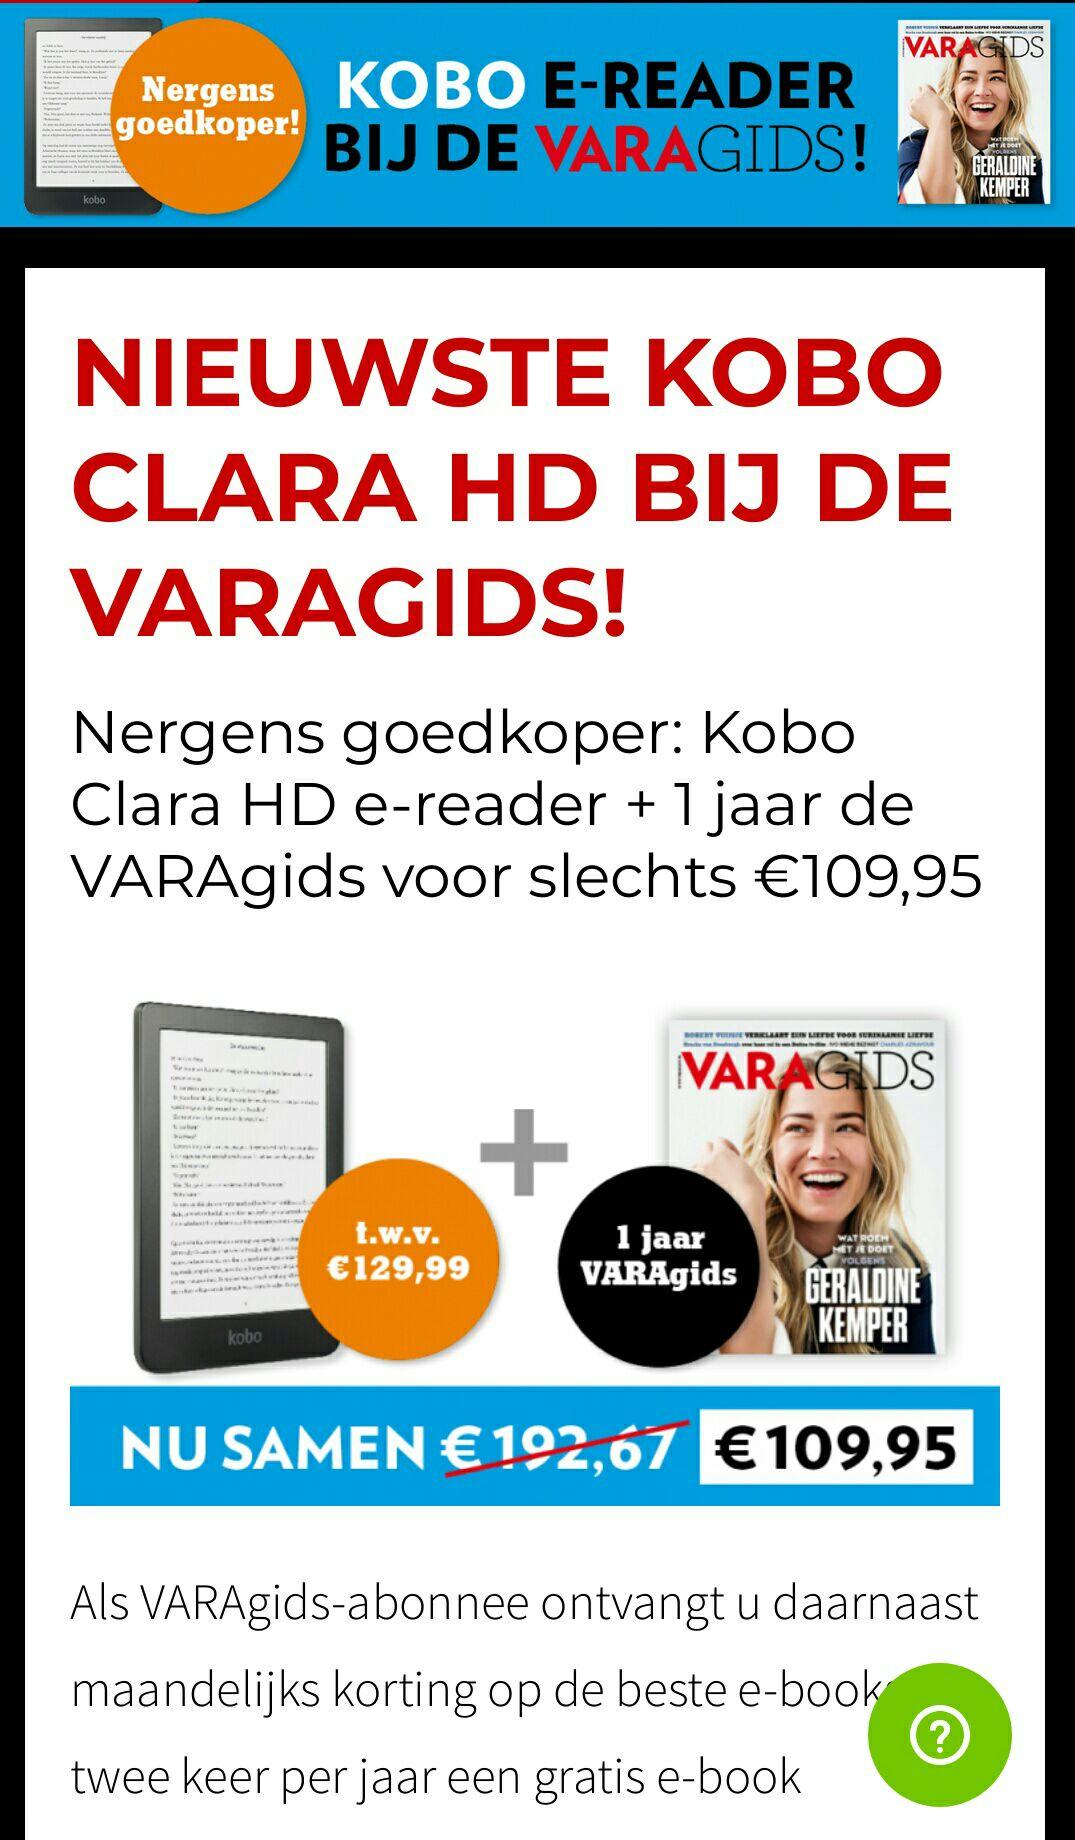 Nieuwste Kobo Clara HD ereader a 129,99 met varagids voor mooie prijs